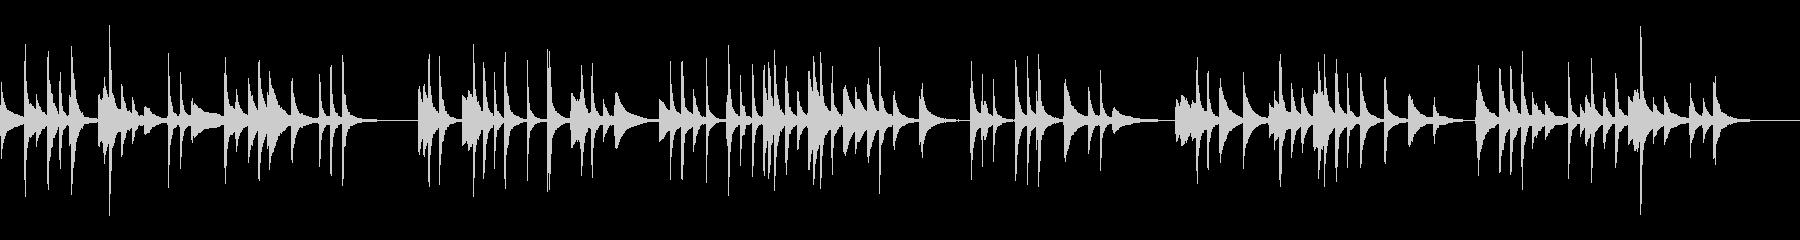 箏(琴)・料亭・旅館・鹿威し・着物の未再生の波形